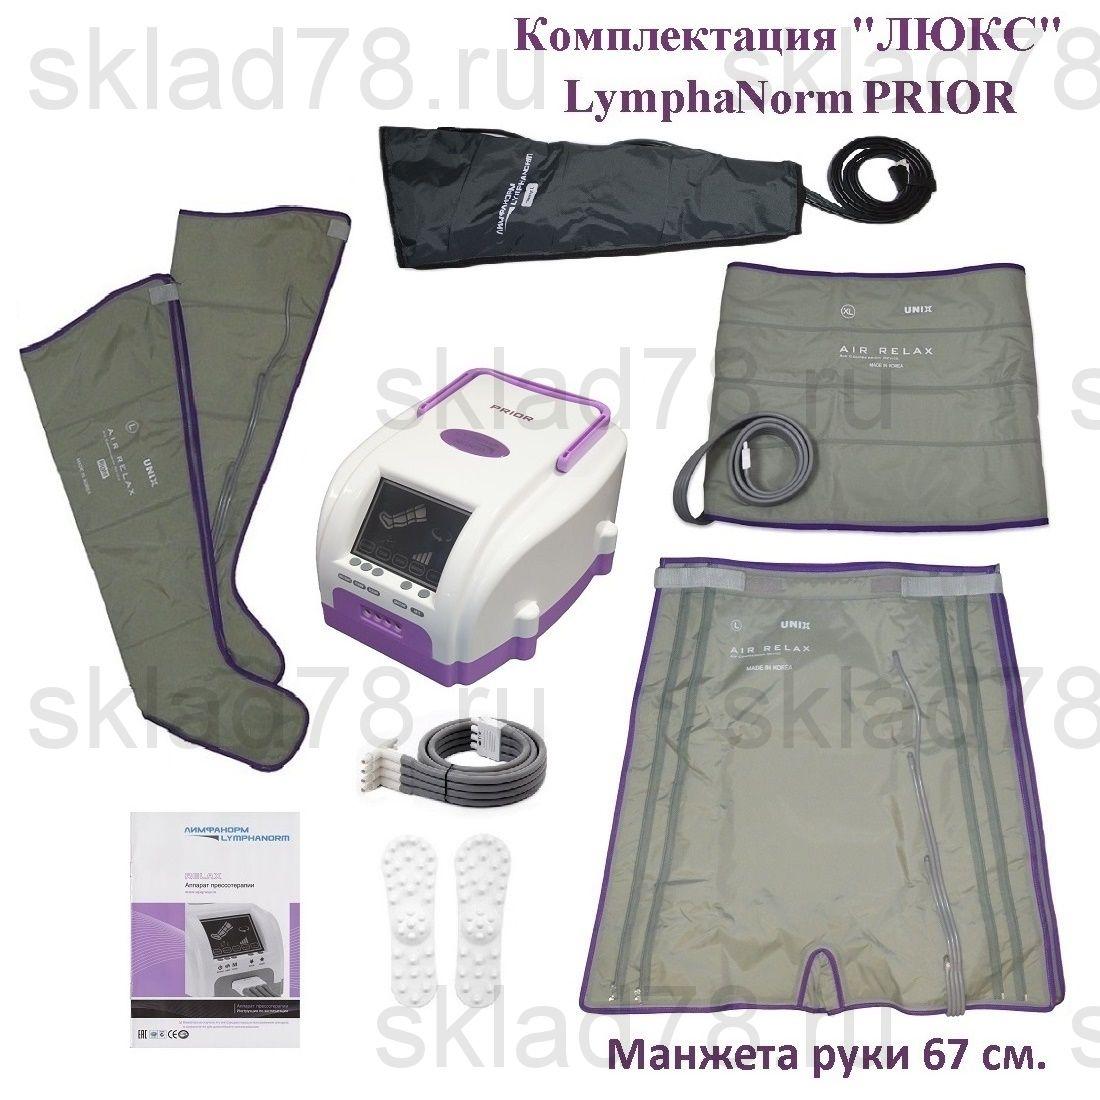 LymphaNorm PRIOR Прессотерапия «ЛЮКС» (Рука 67 см.)